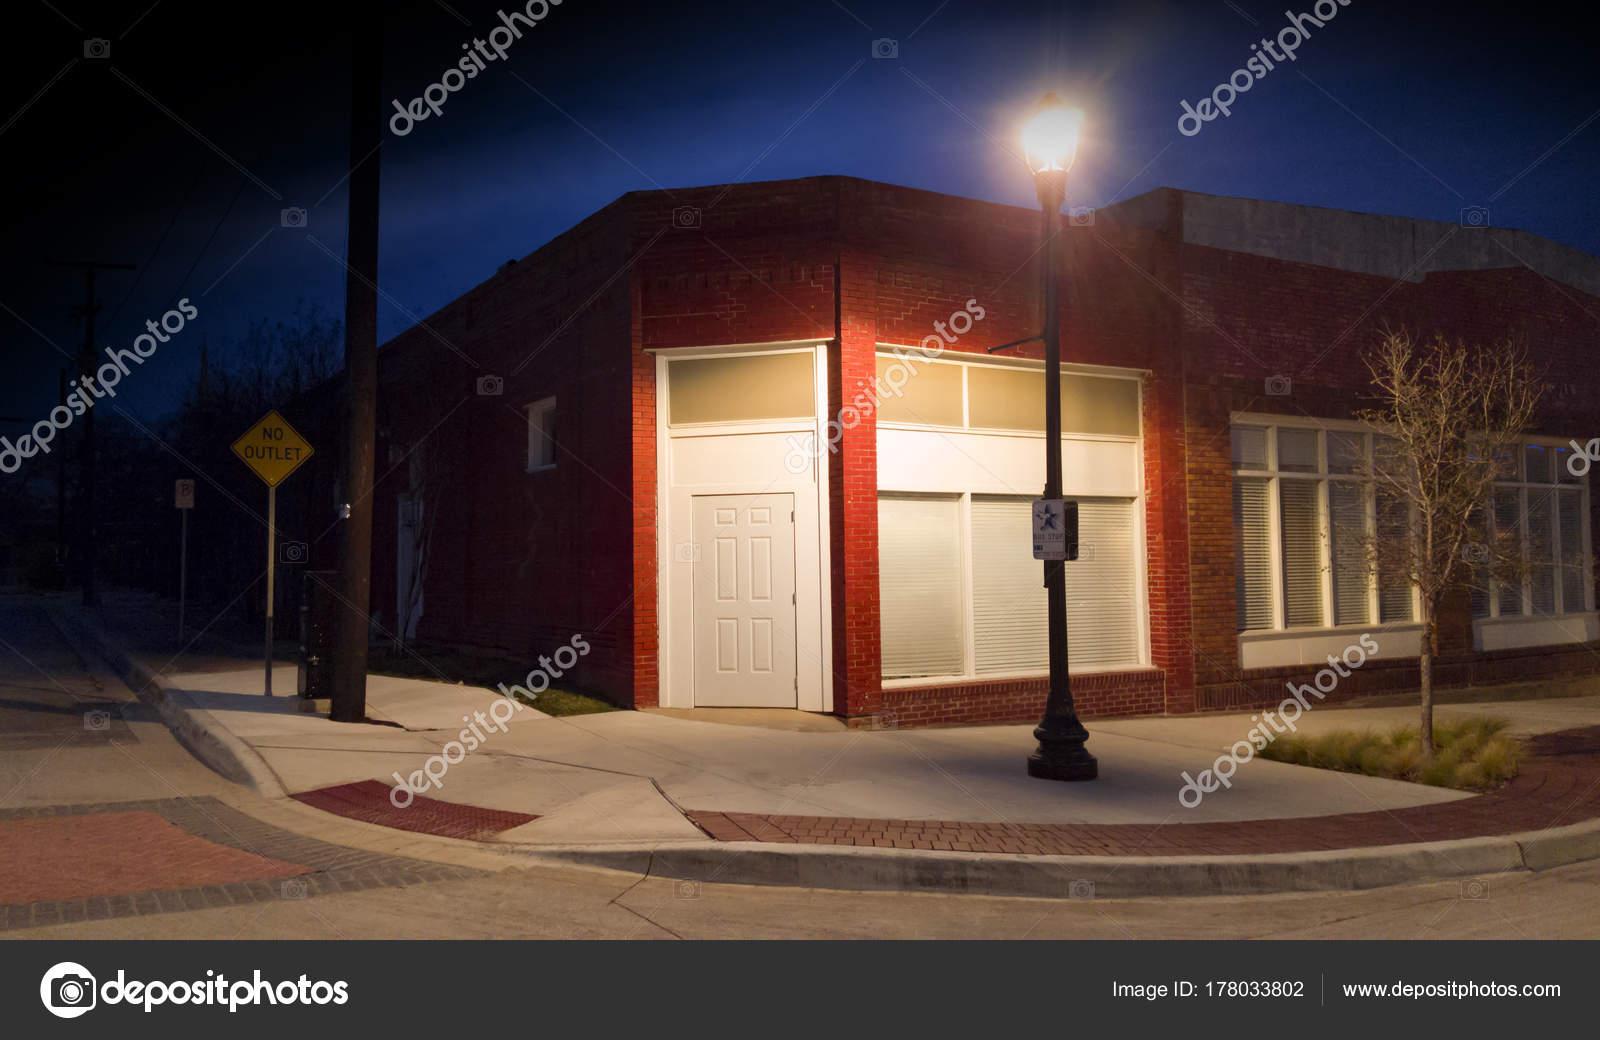 Coin Rue Dans Nuit Avec Lampadaire Photographie Dnlthornton Gmail